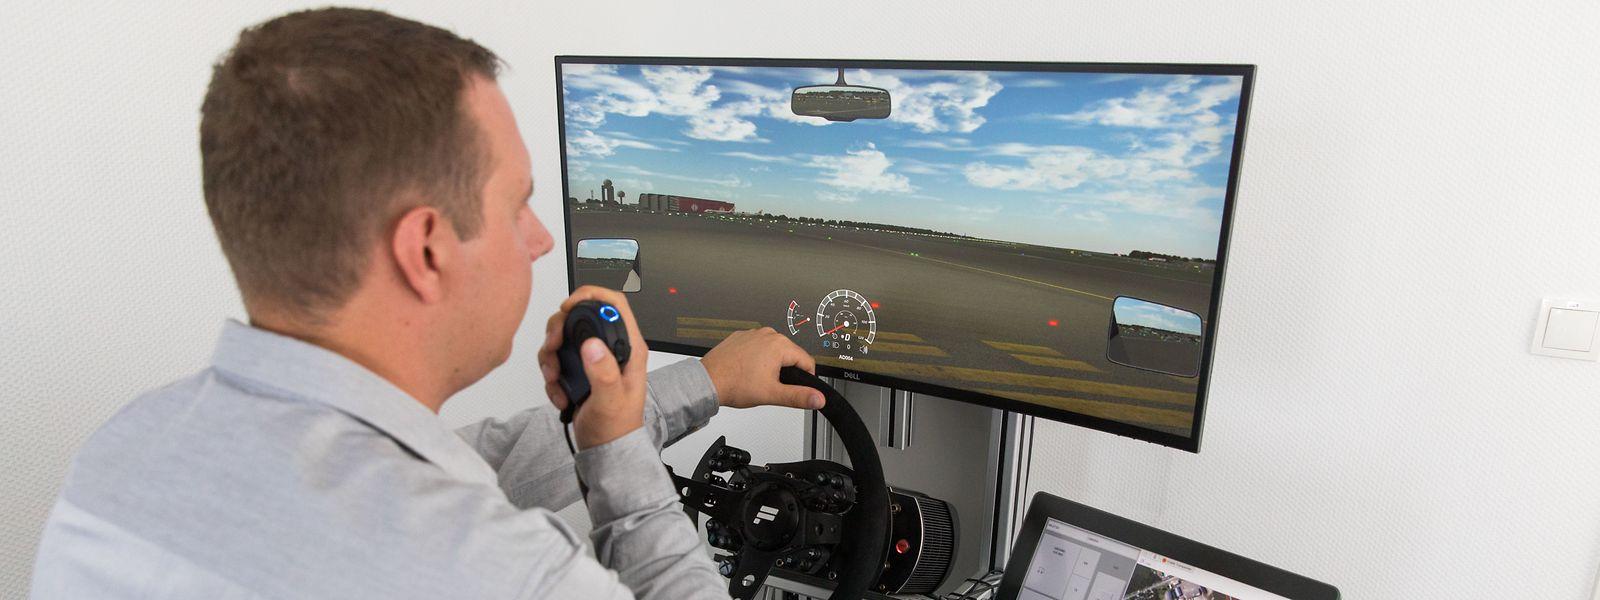 Für die Fahrten auf dem Rollfeld ist das richtige Training besonders wichtig. Der Fahrsimulator stellt dazu realistische Situationen in dreidimensionaler Ansicht zum Üben nach.